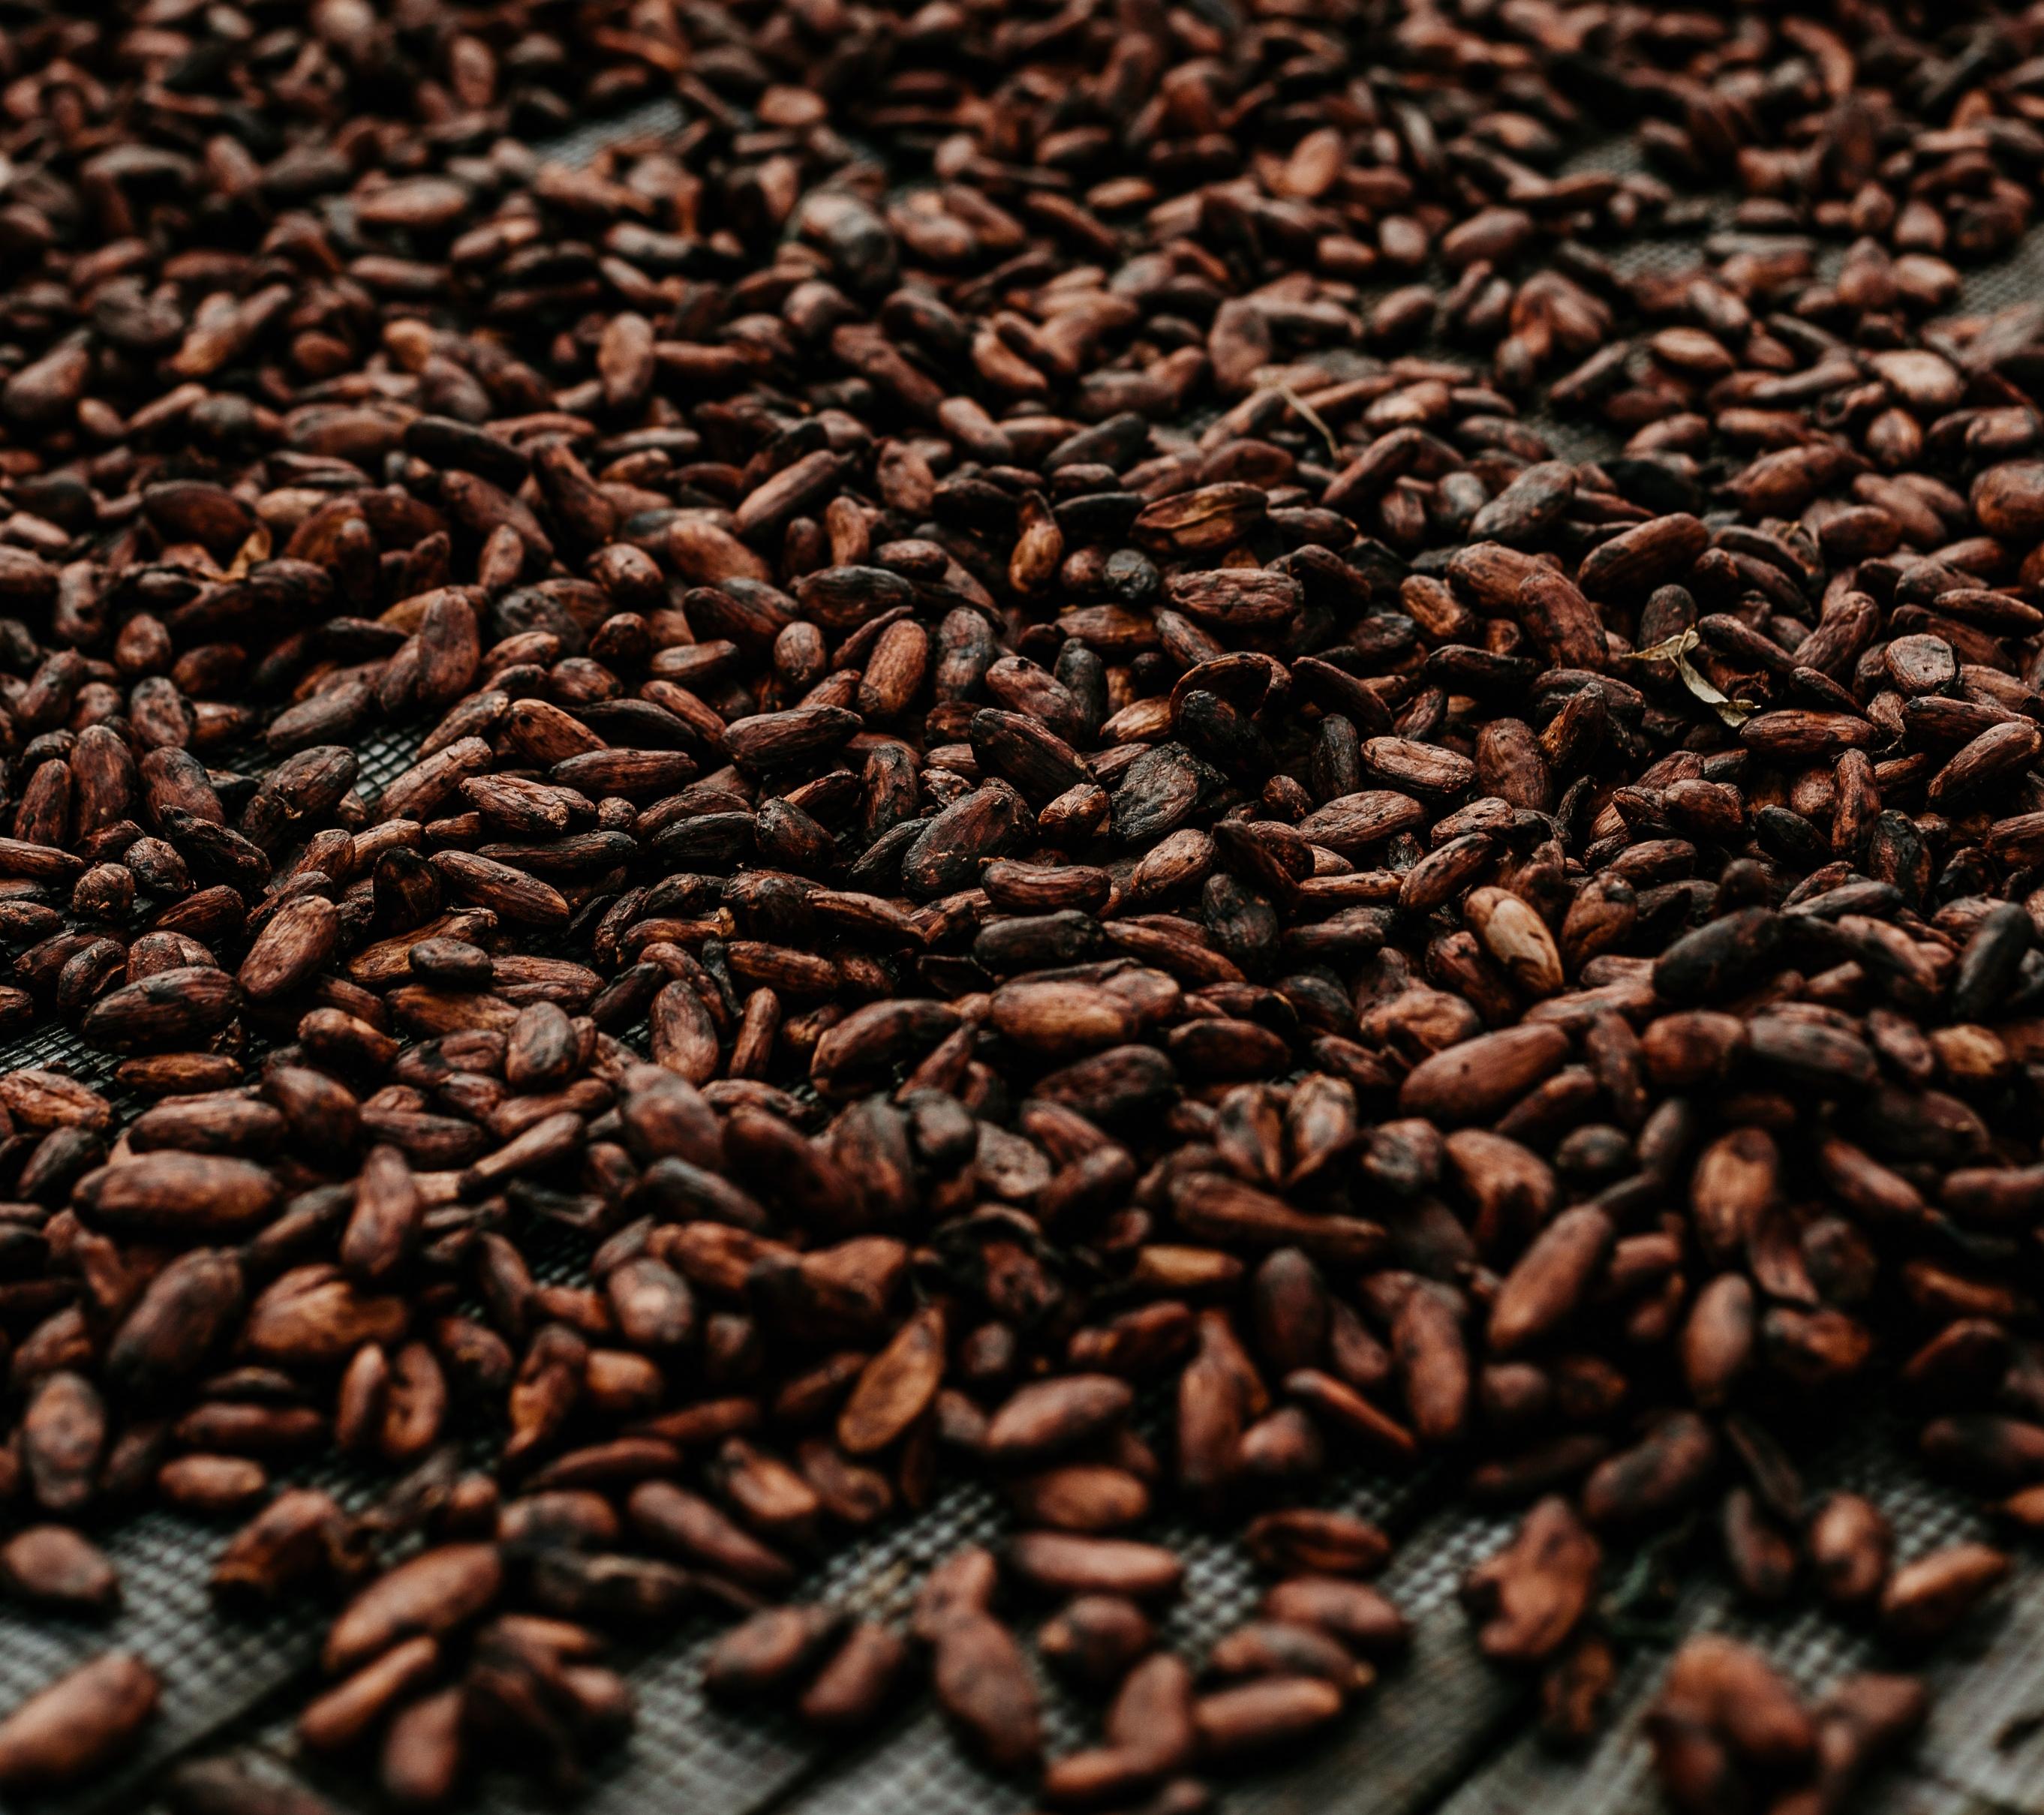 Na tendência Bean to Bar, as amêndoas do cacau são utilizadas na íntegra. Foto: Loannes Marc/Pexels.